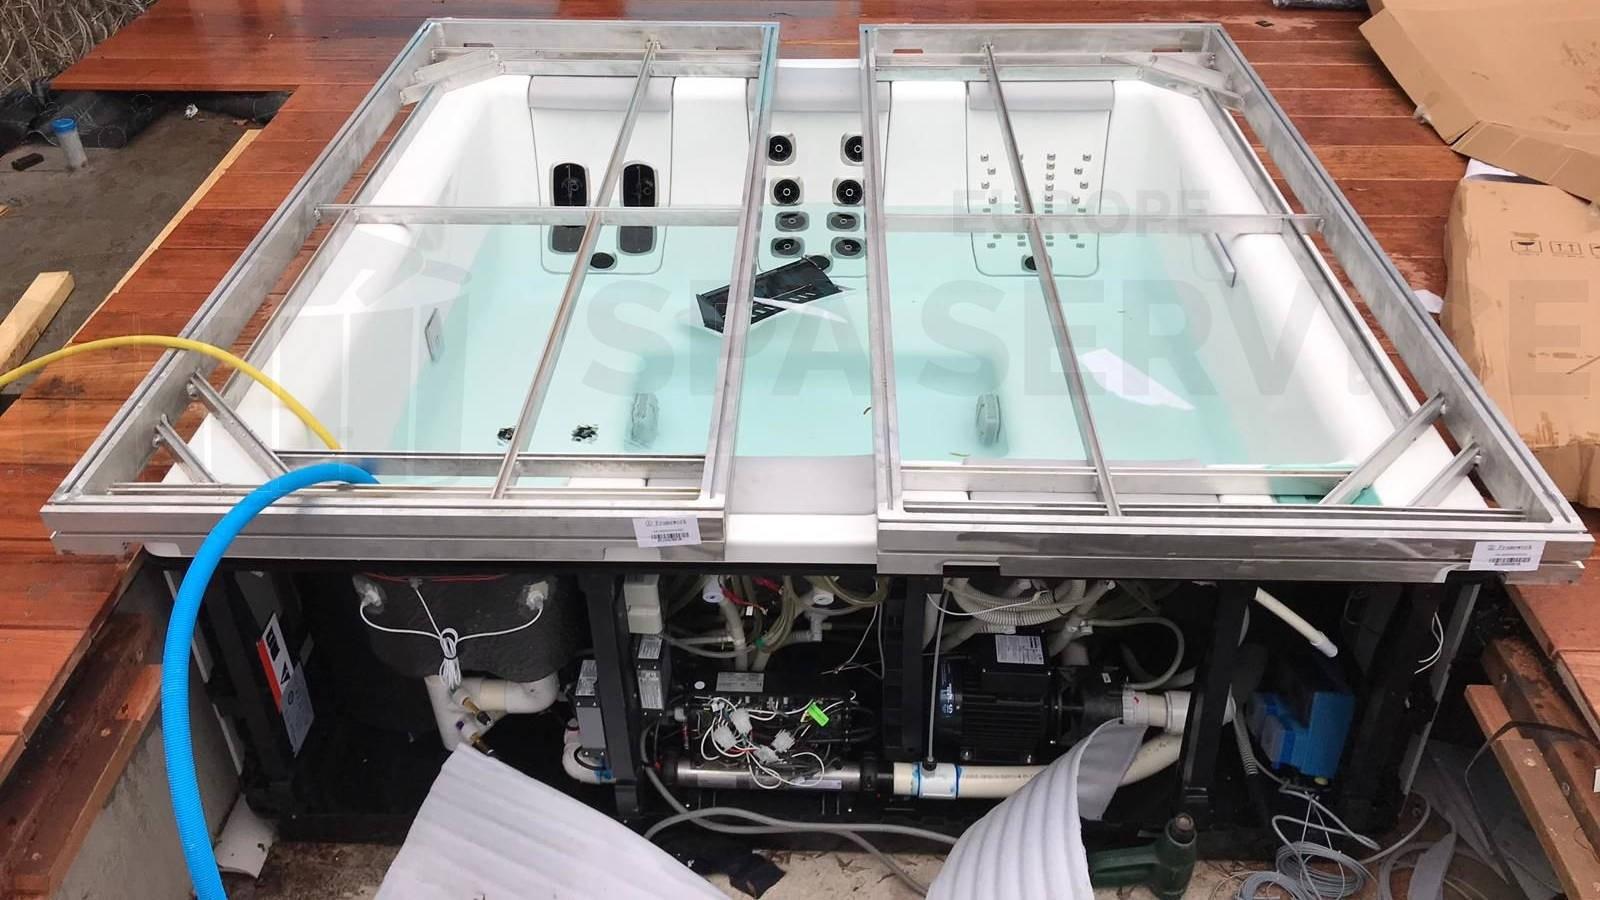 Plaatsing van een Villeroy & Boch Just Silence spa met automatische waterbehandeling en roll deck cover systeem in Aalsmeer